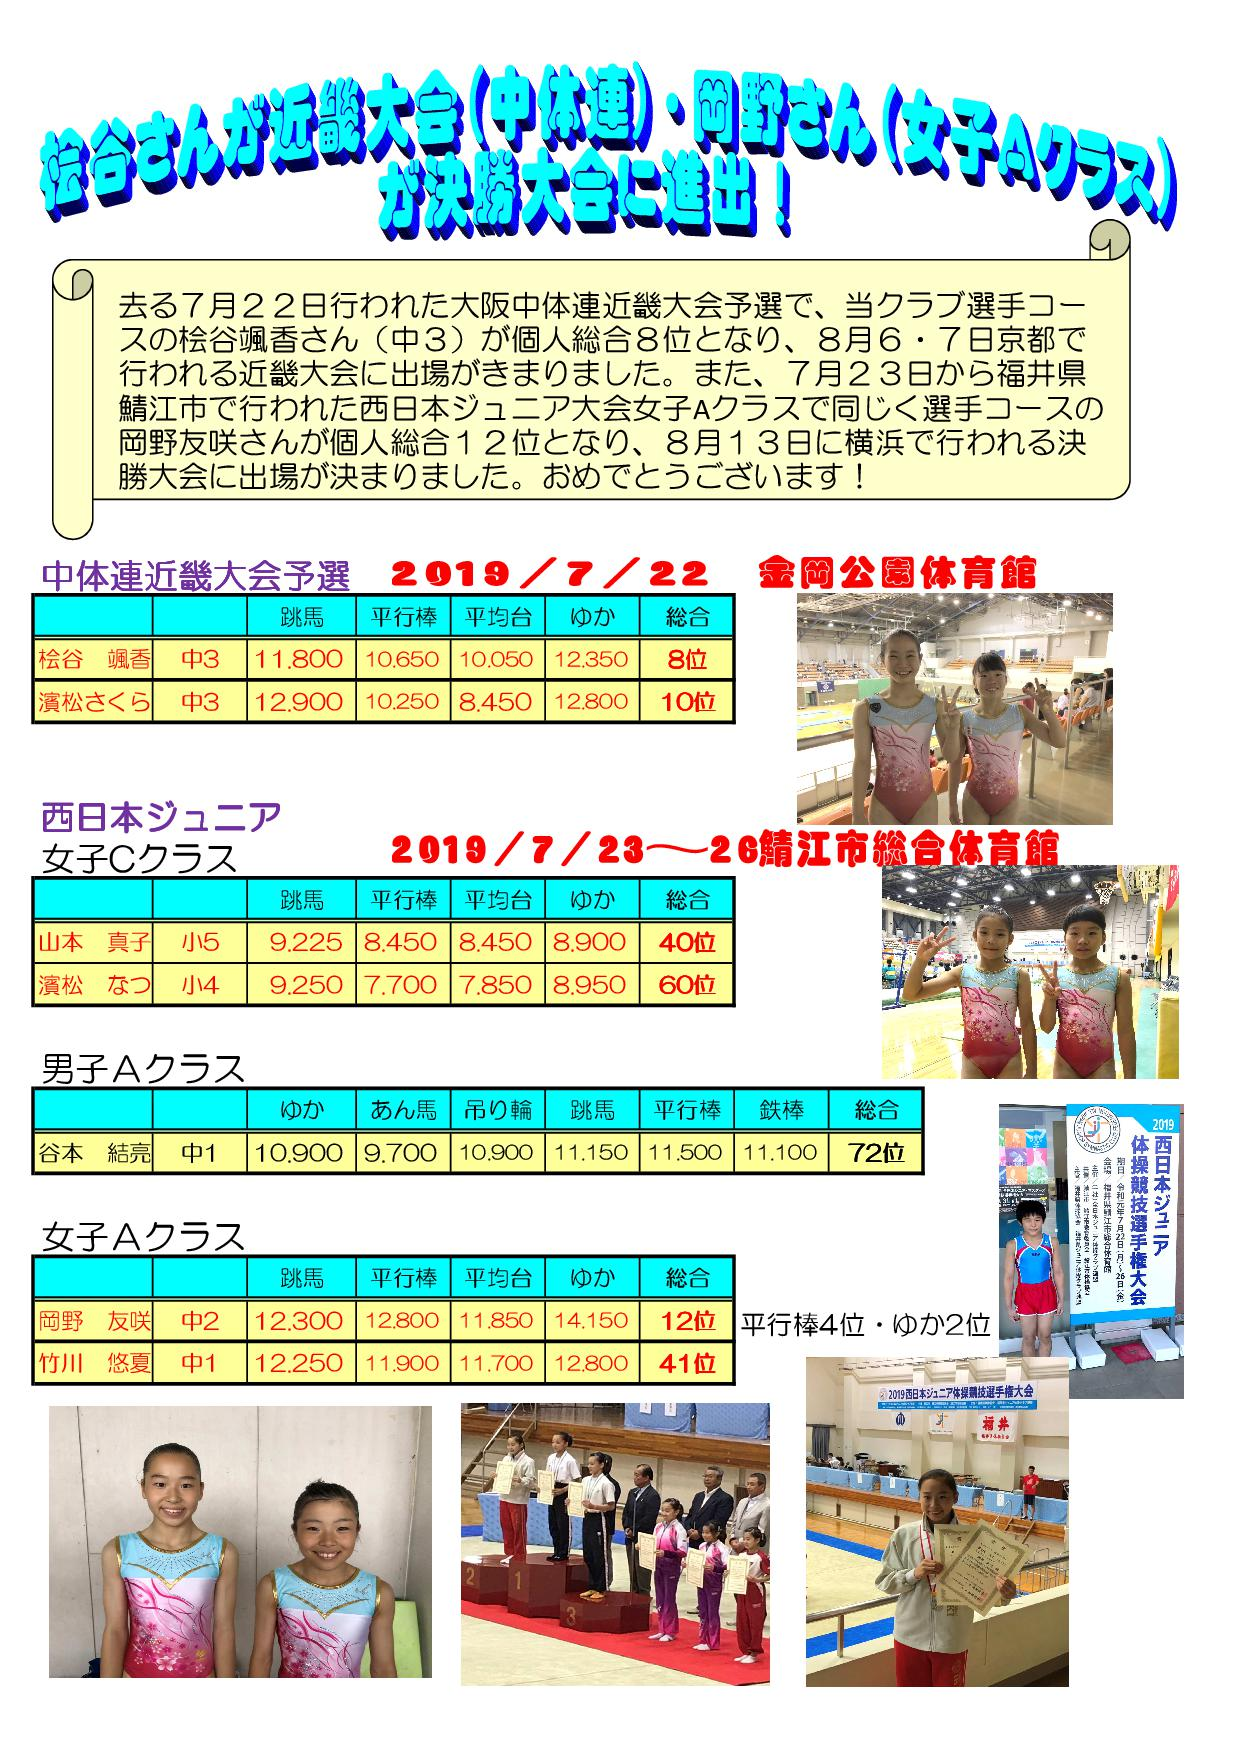 中体連で桧谷颯香さんが近畿大会へ、西日本ジュニアで岡野友咲さんが決勝進出へ!